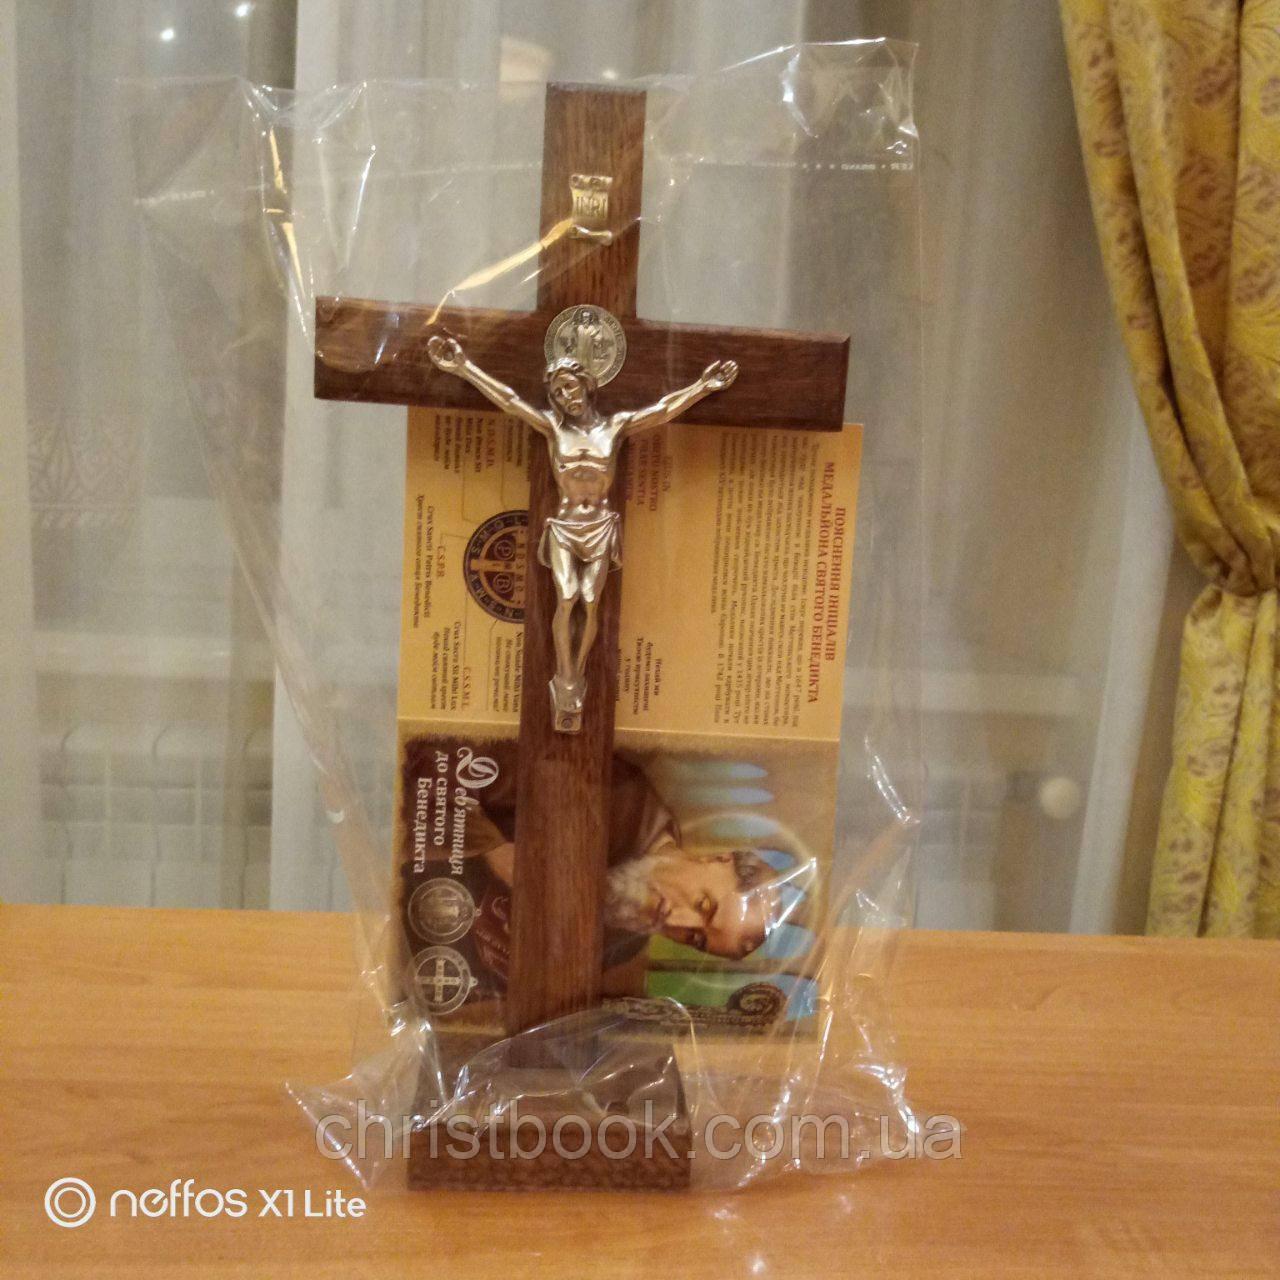 Хрест дерев'яний св. Бенедикта